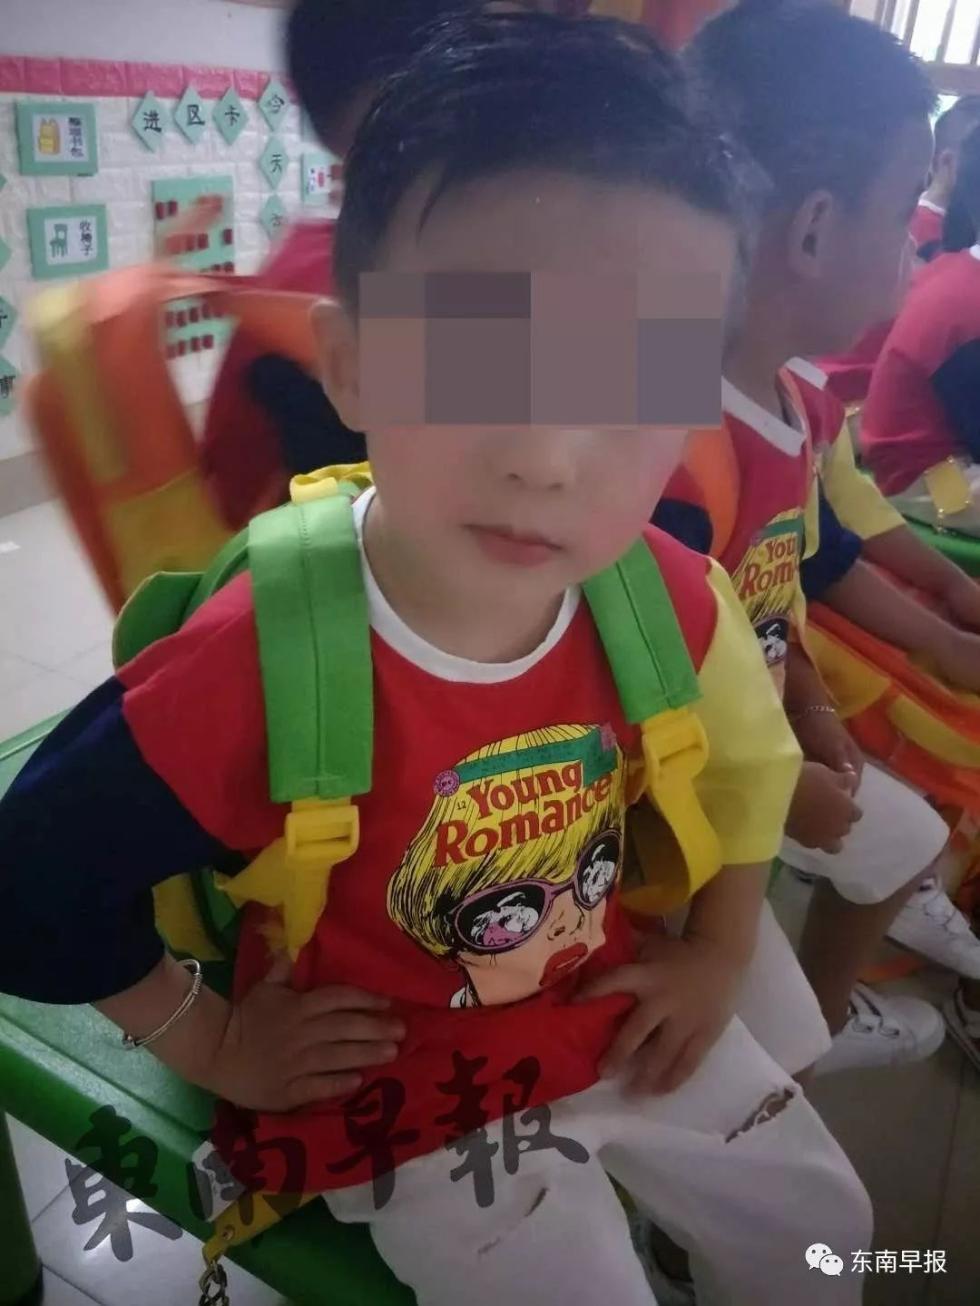 悲剧!福建5岁男孩倚靠这种玻璃护栏坠亡!孩子父亲痛哭